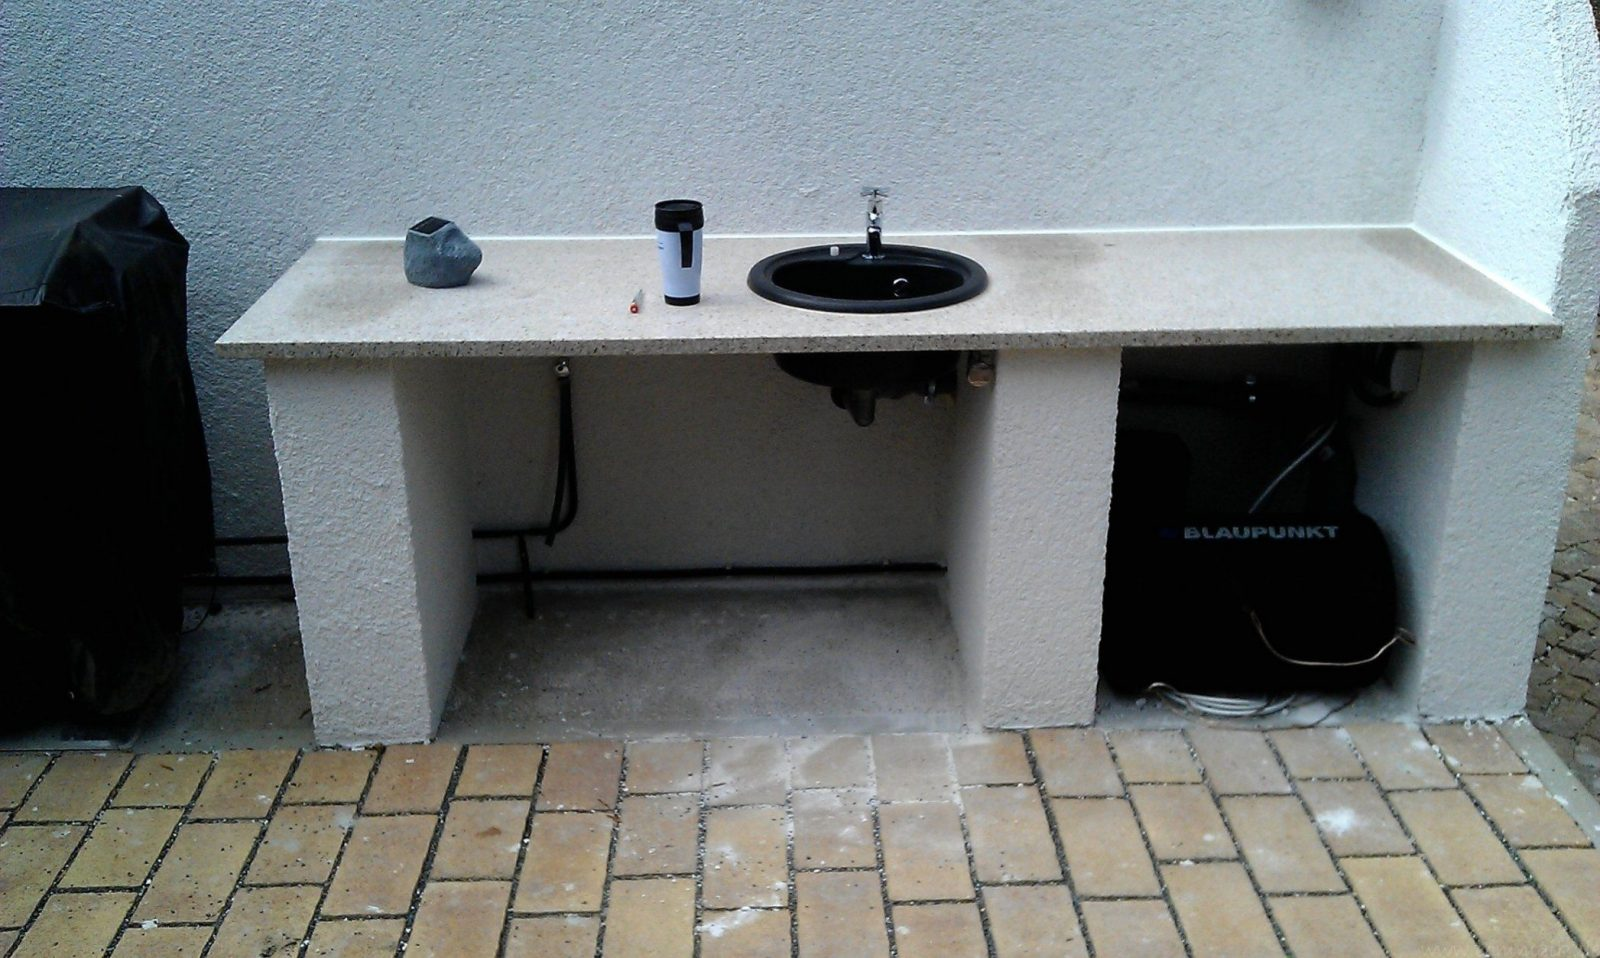 Interessant Waschbecken Und Andere Bad & Sanitär Von Sani Fort Line von Garten Waschbecken Selber Bauen Photo